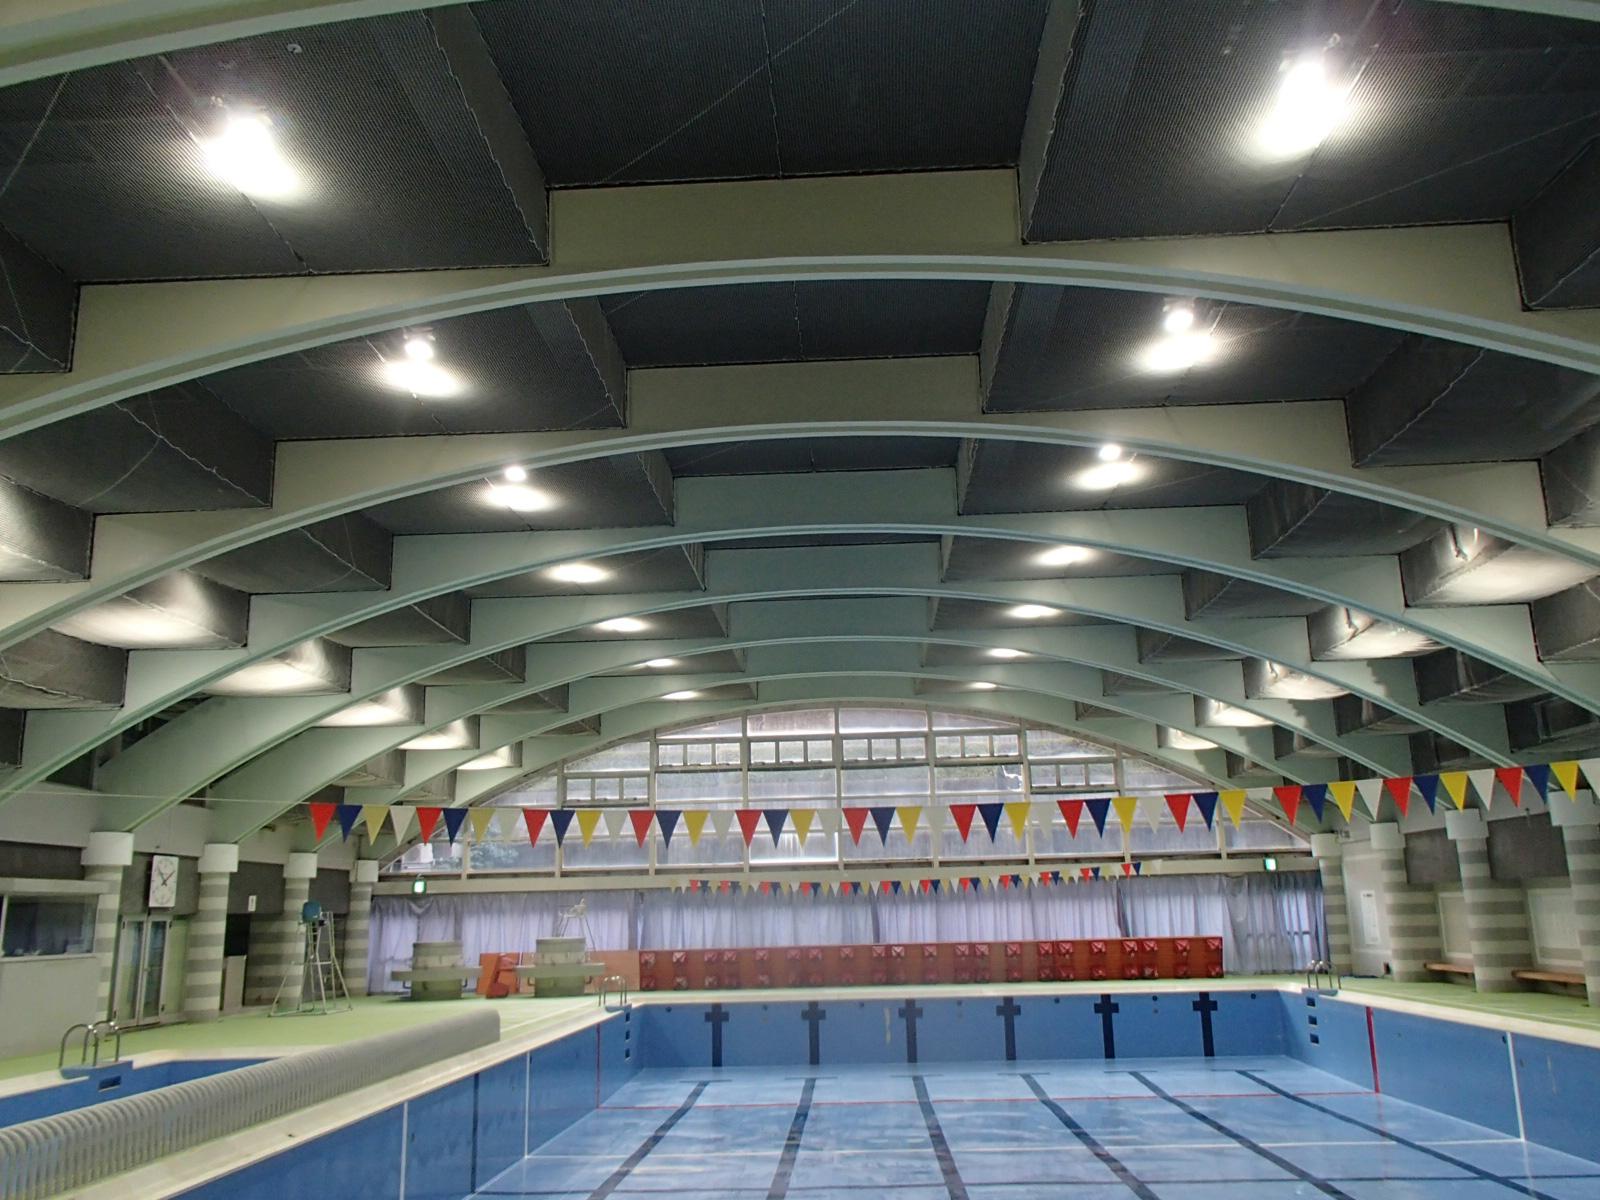 室内温水プール 照明LED化工事